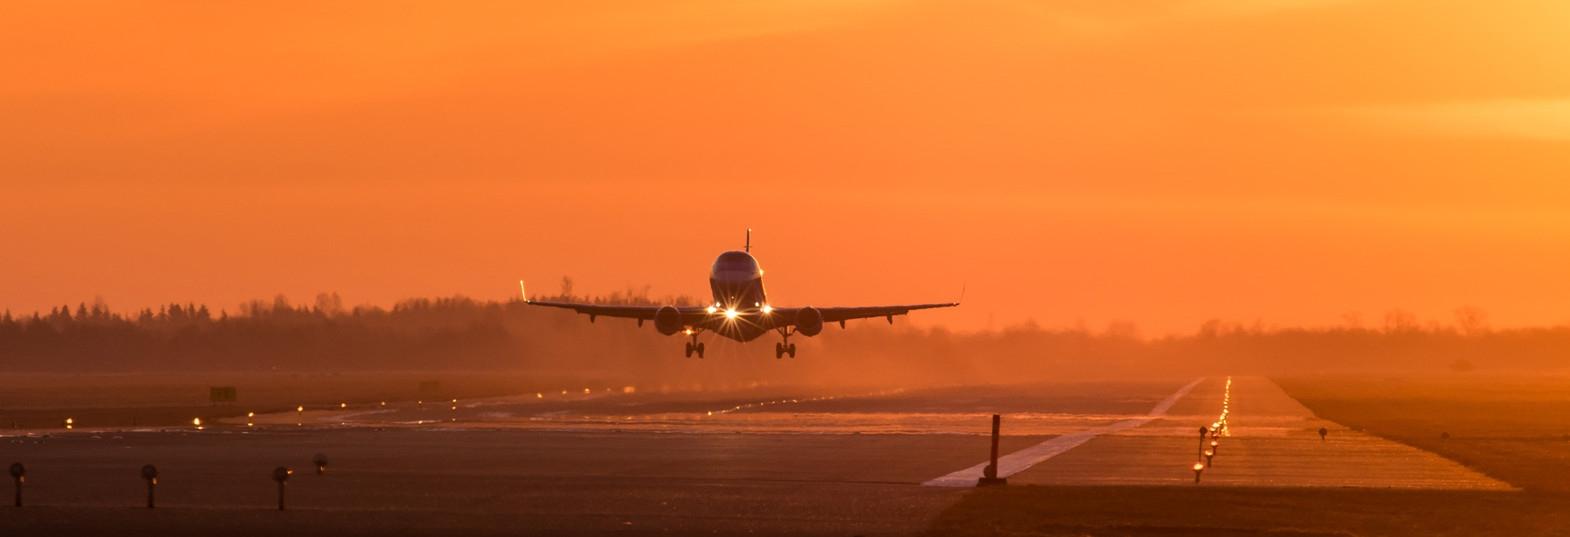 ELAK ja majanduskomisjon arutavad riigiabi reegleid lennunduses